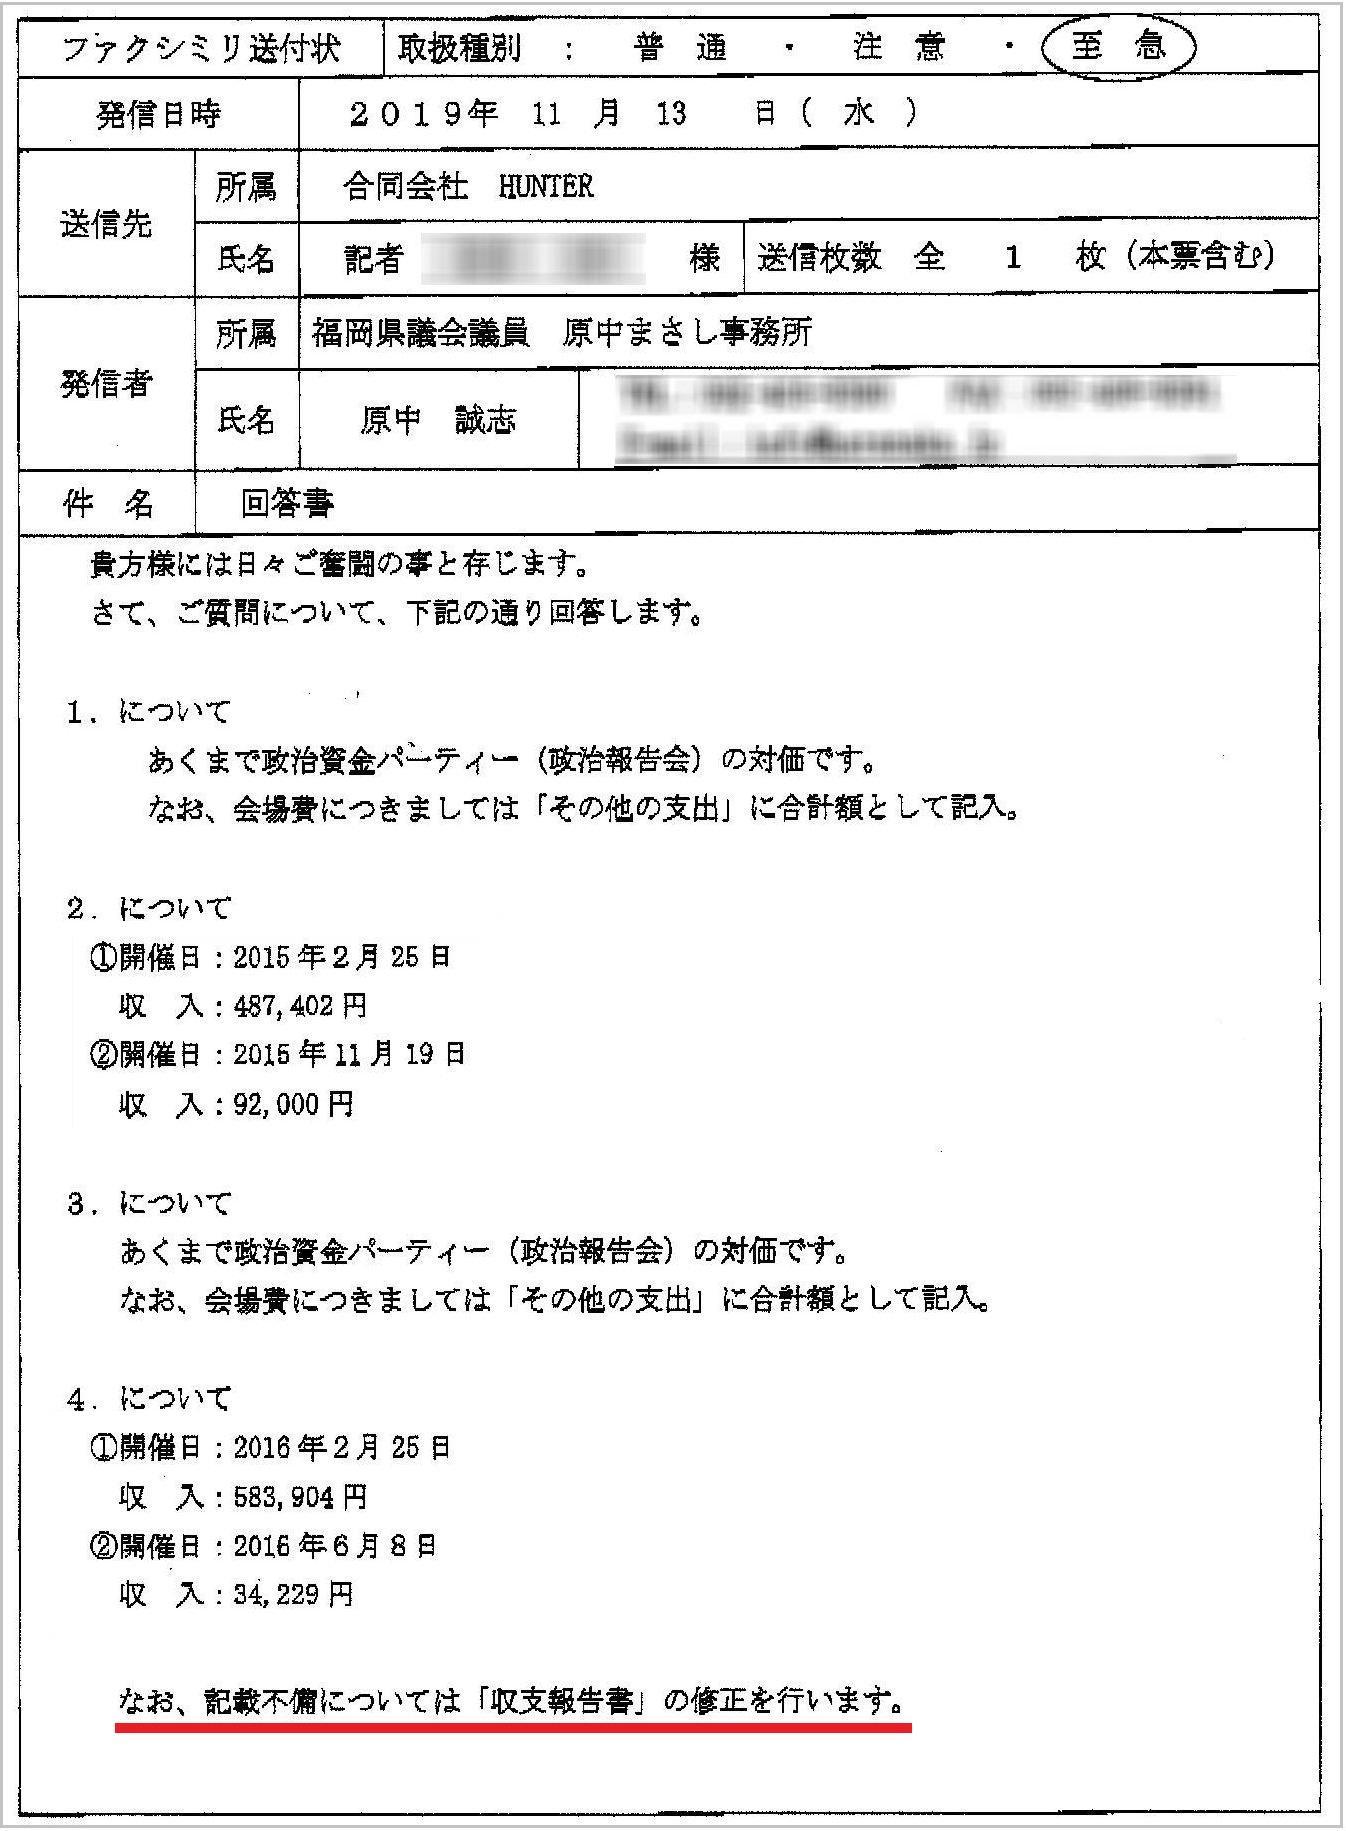 http://hunter-investigate.jp/news/001--2-1.jpg